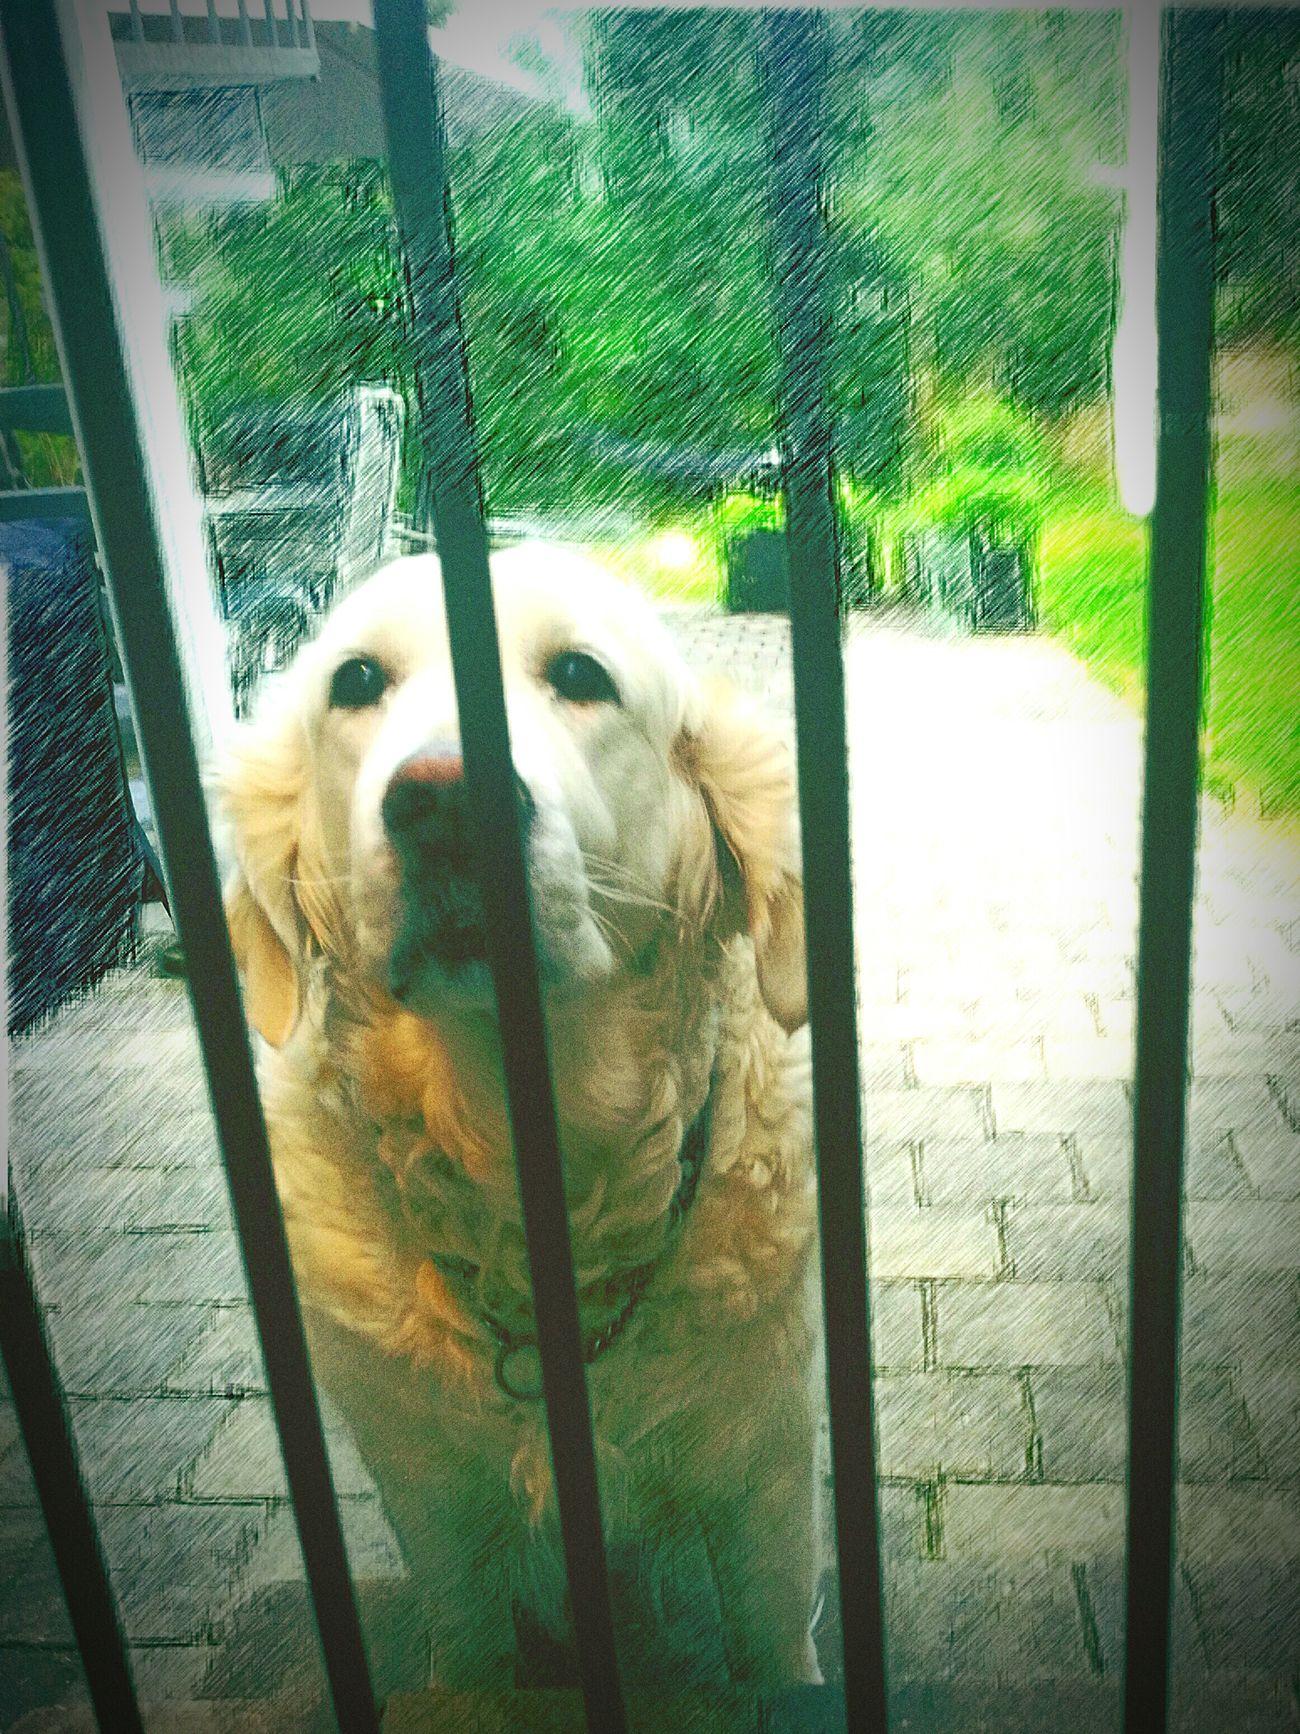 Behind bars! 😊